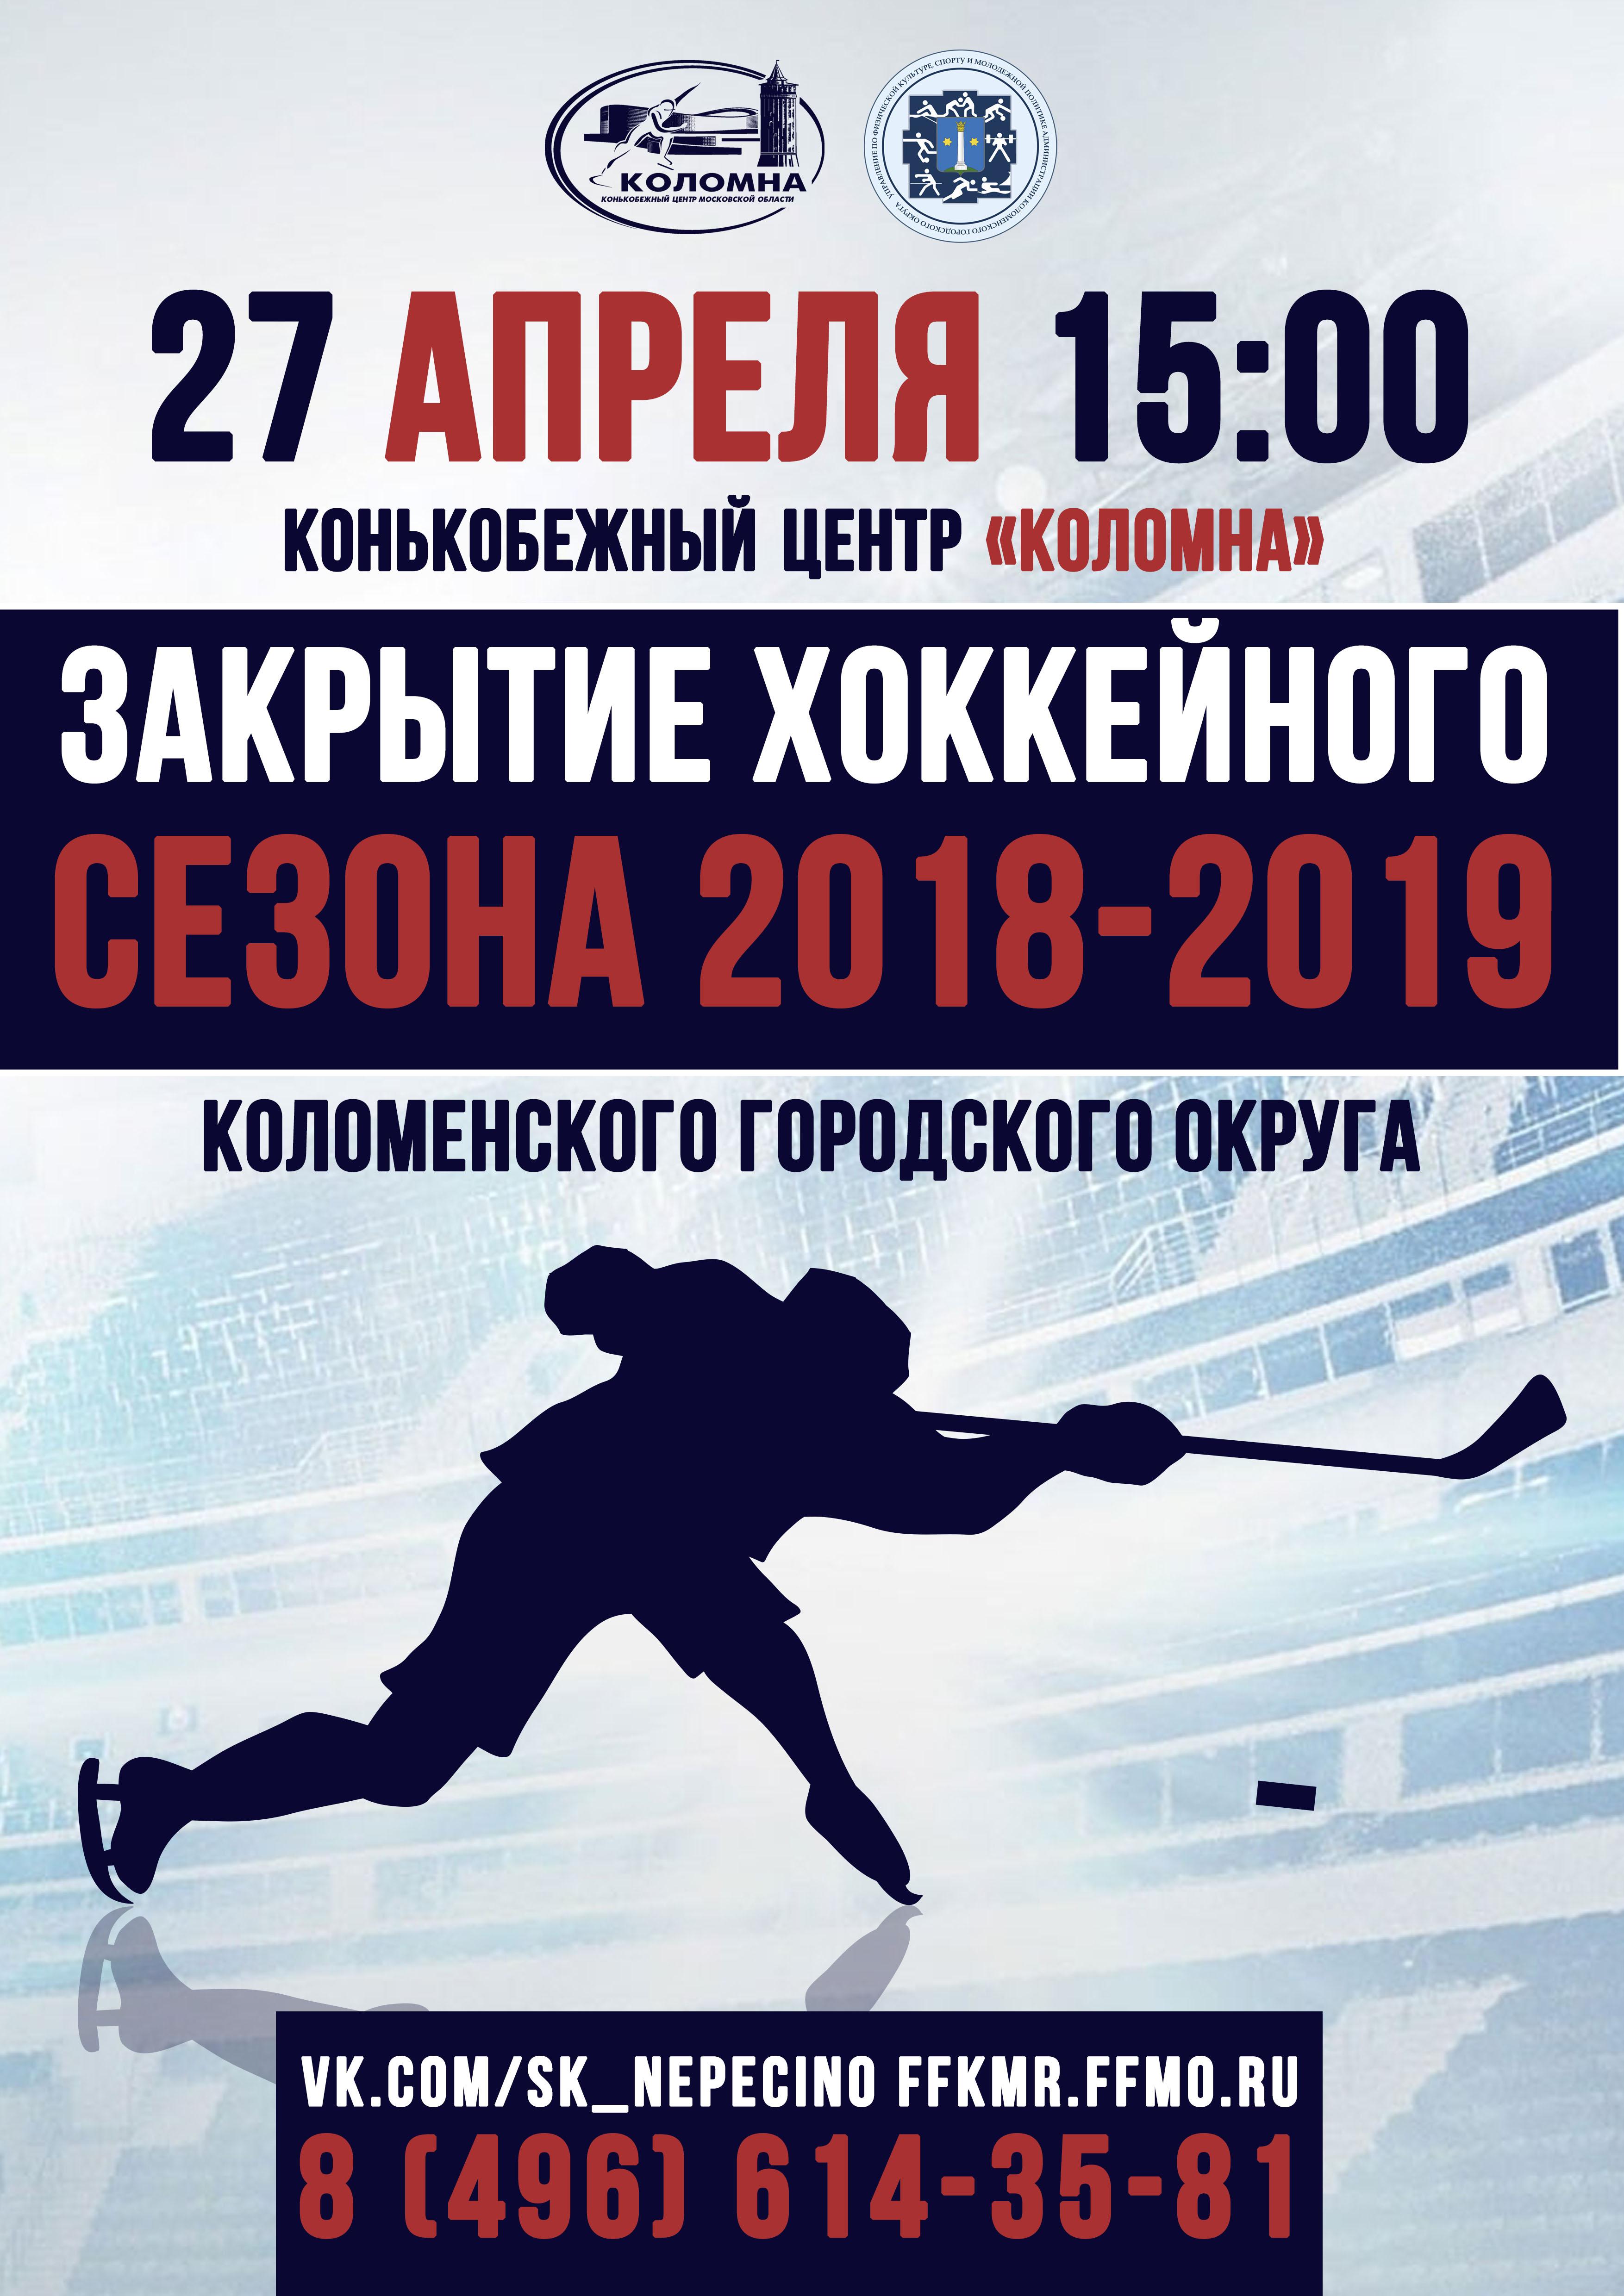 Закрытие хоккейного сезона Коломенского городского округа